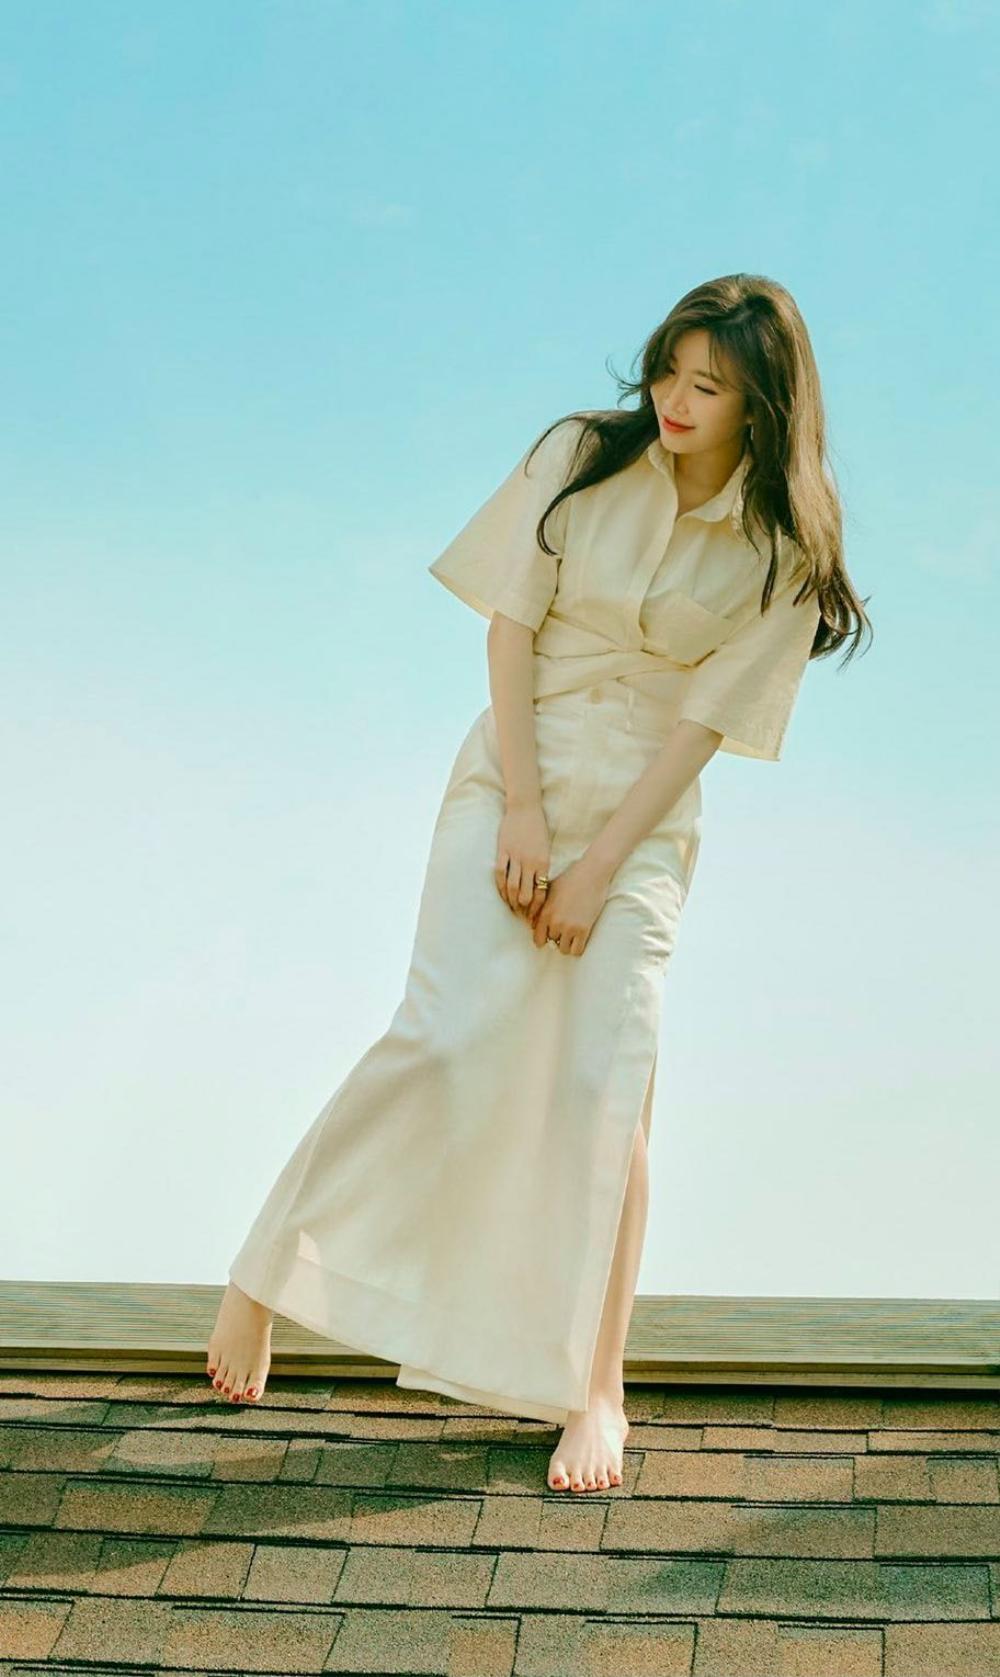 Davichi nhá hàng teaser MV mới, hứa hẹn lấy nước mắt khán giả Ảnh 3